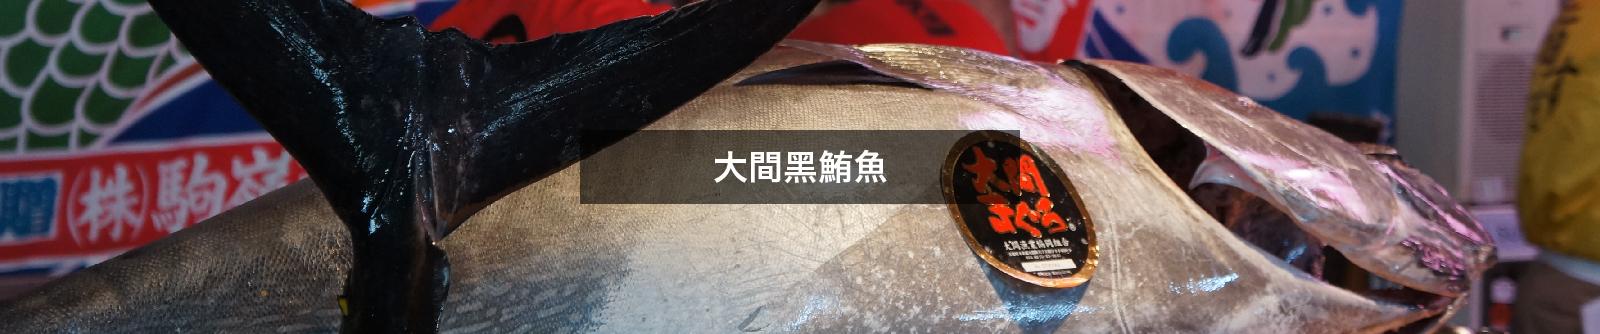 大間黑鮪魚